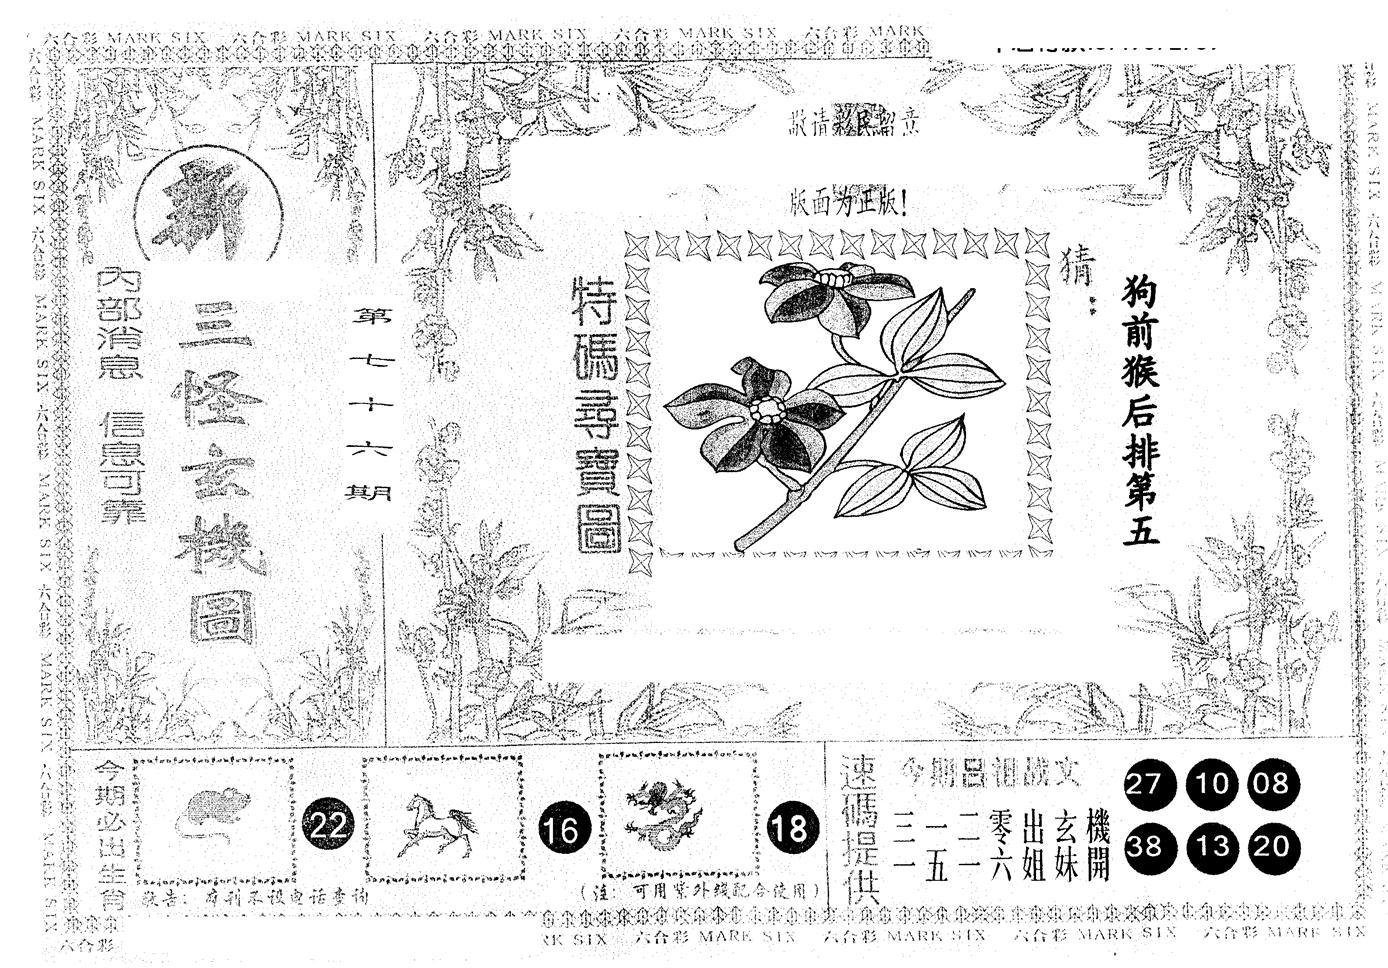 076期另版新三怪(黑白)